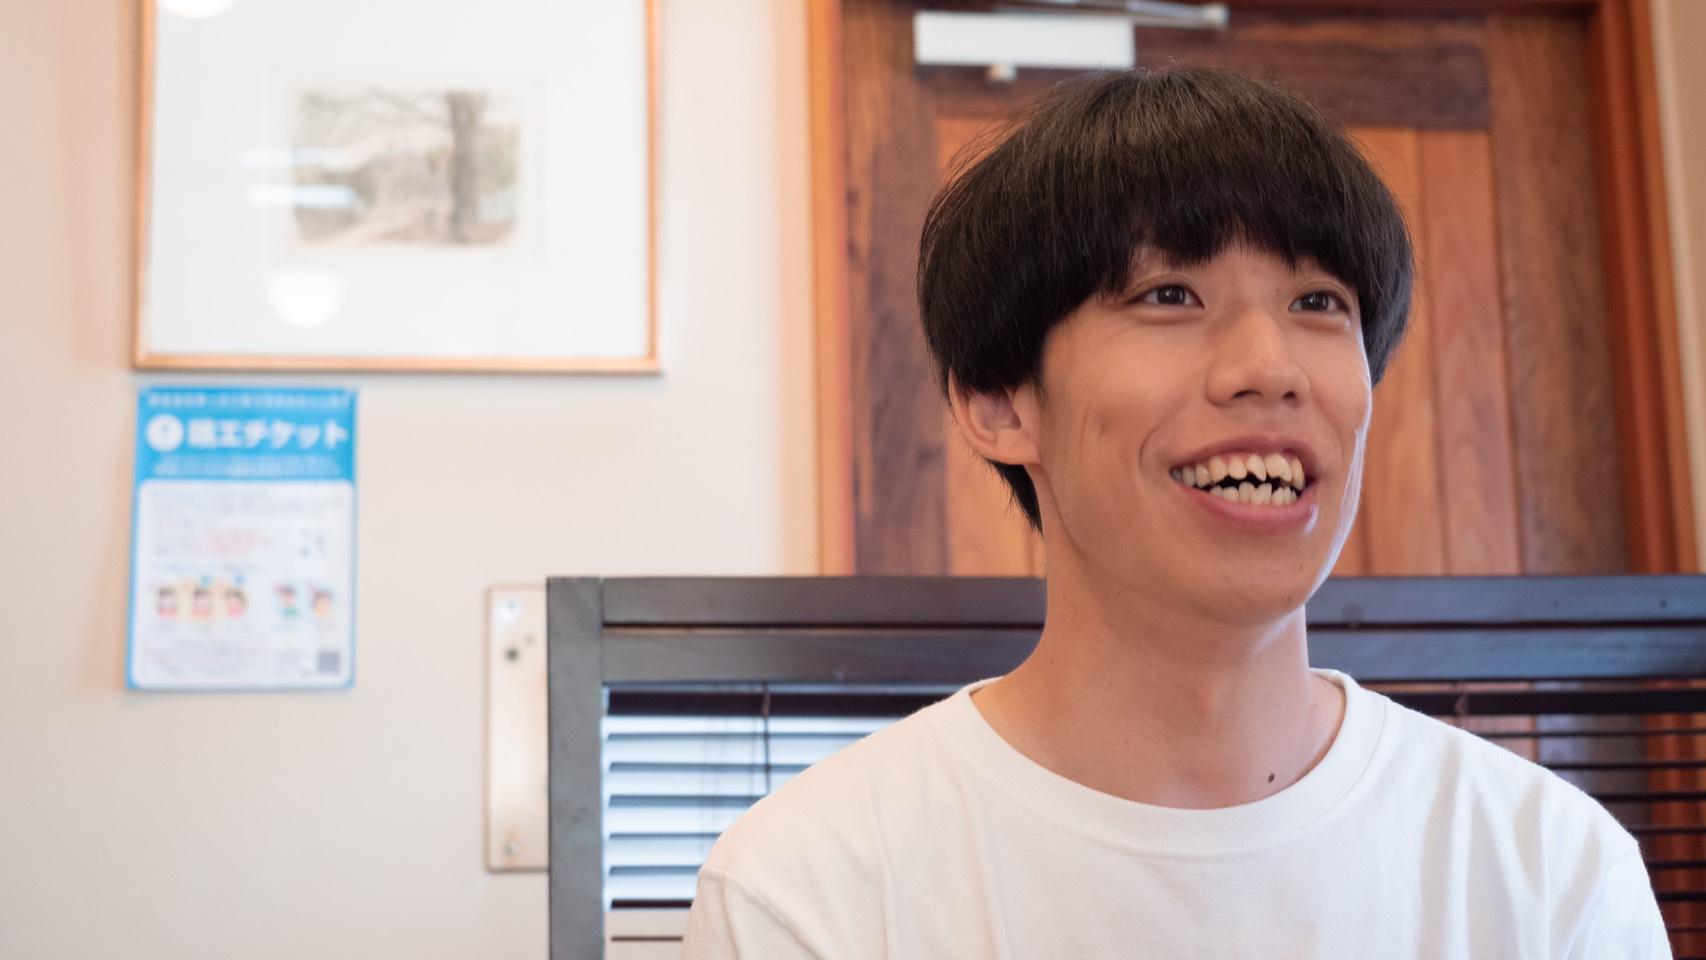 「一流の助手席芸人を目指す」夢を叶えるため地元で奮闘する吉本芸人